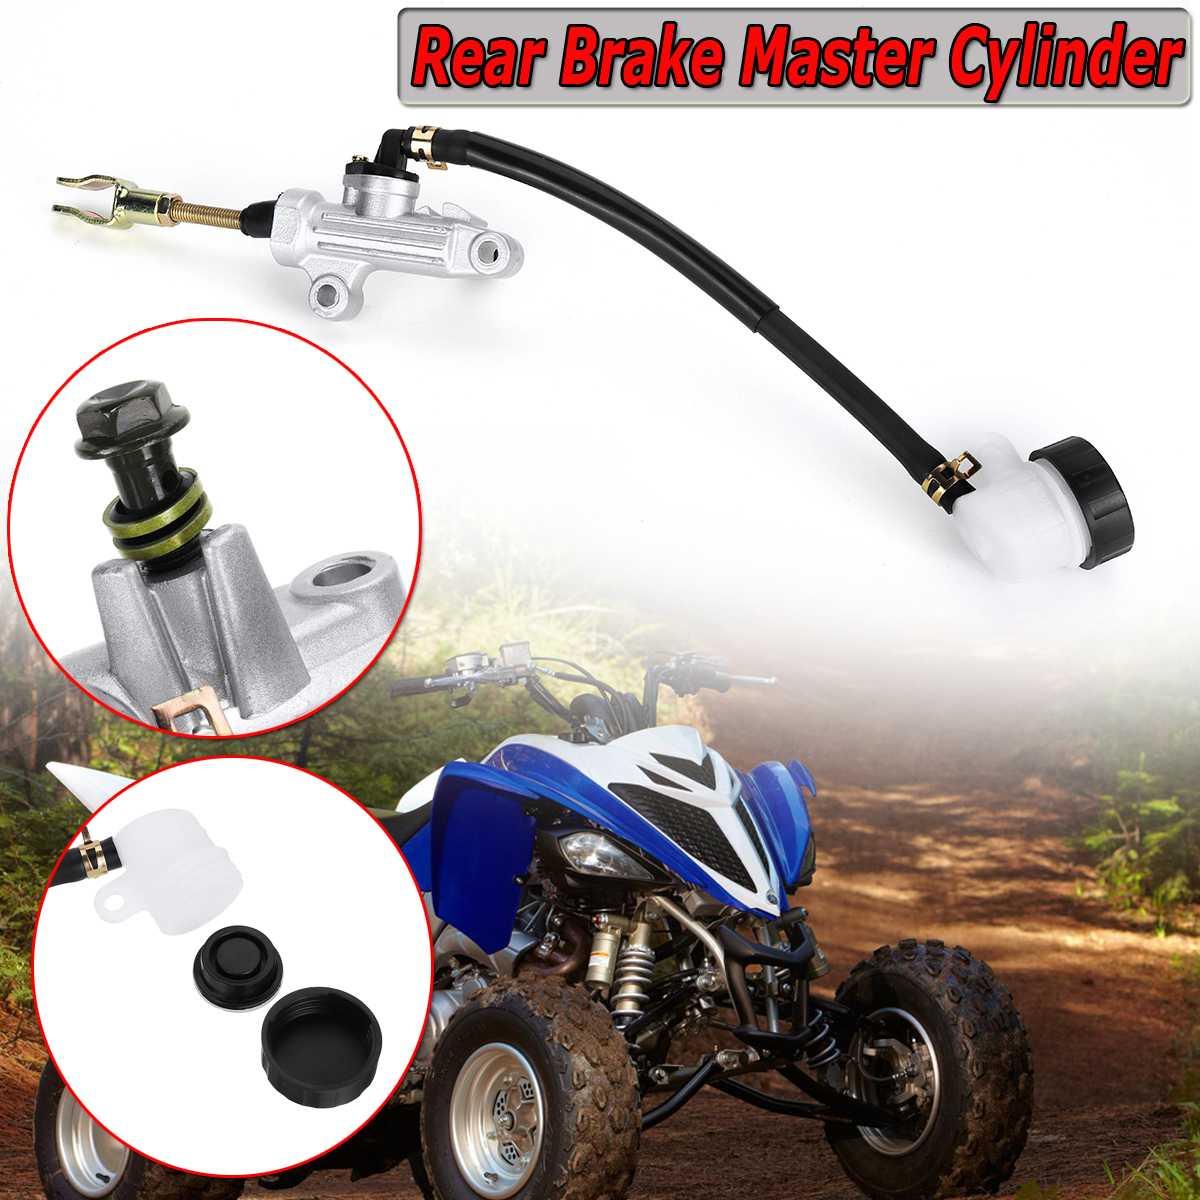 1pc Motorcycle Rear Brake Master Cylinder For Yamaha Raptor 700 700R YFM 700 700R 2006-2016